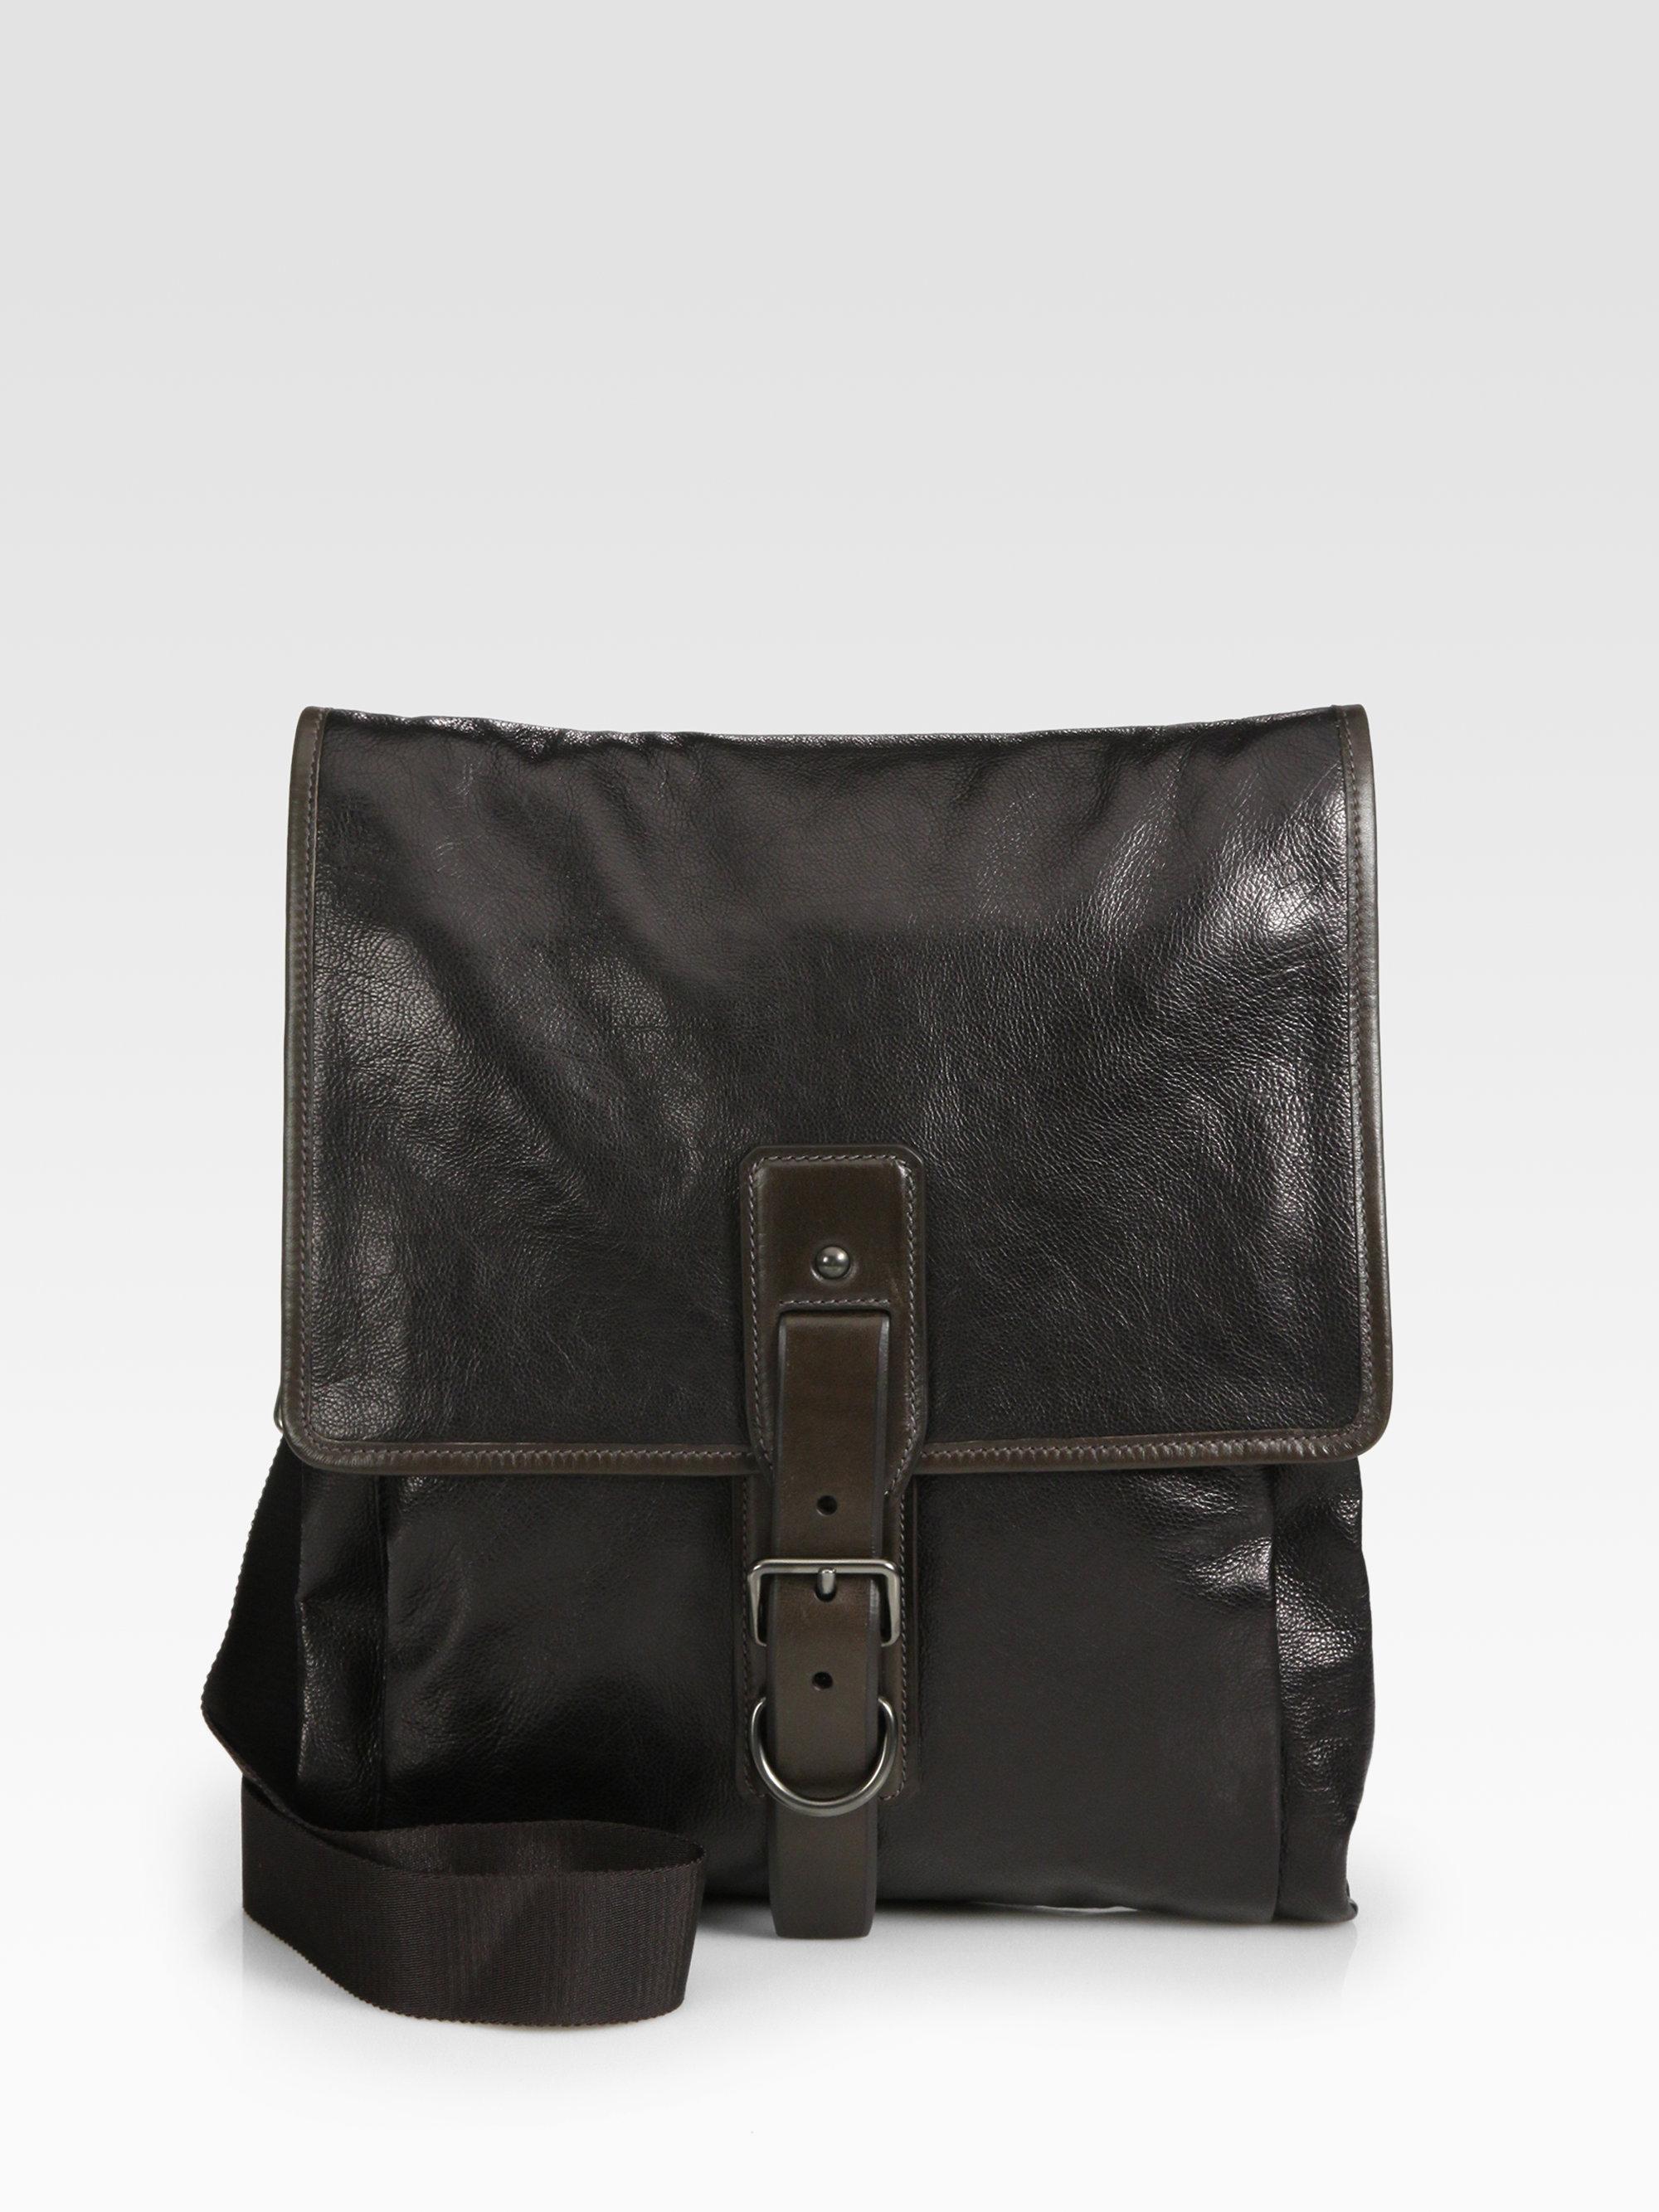 Prada Glace Leather Shoulder Bag In Black For Men Lyst